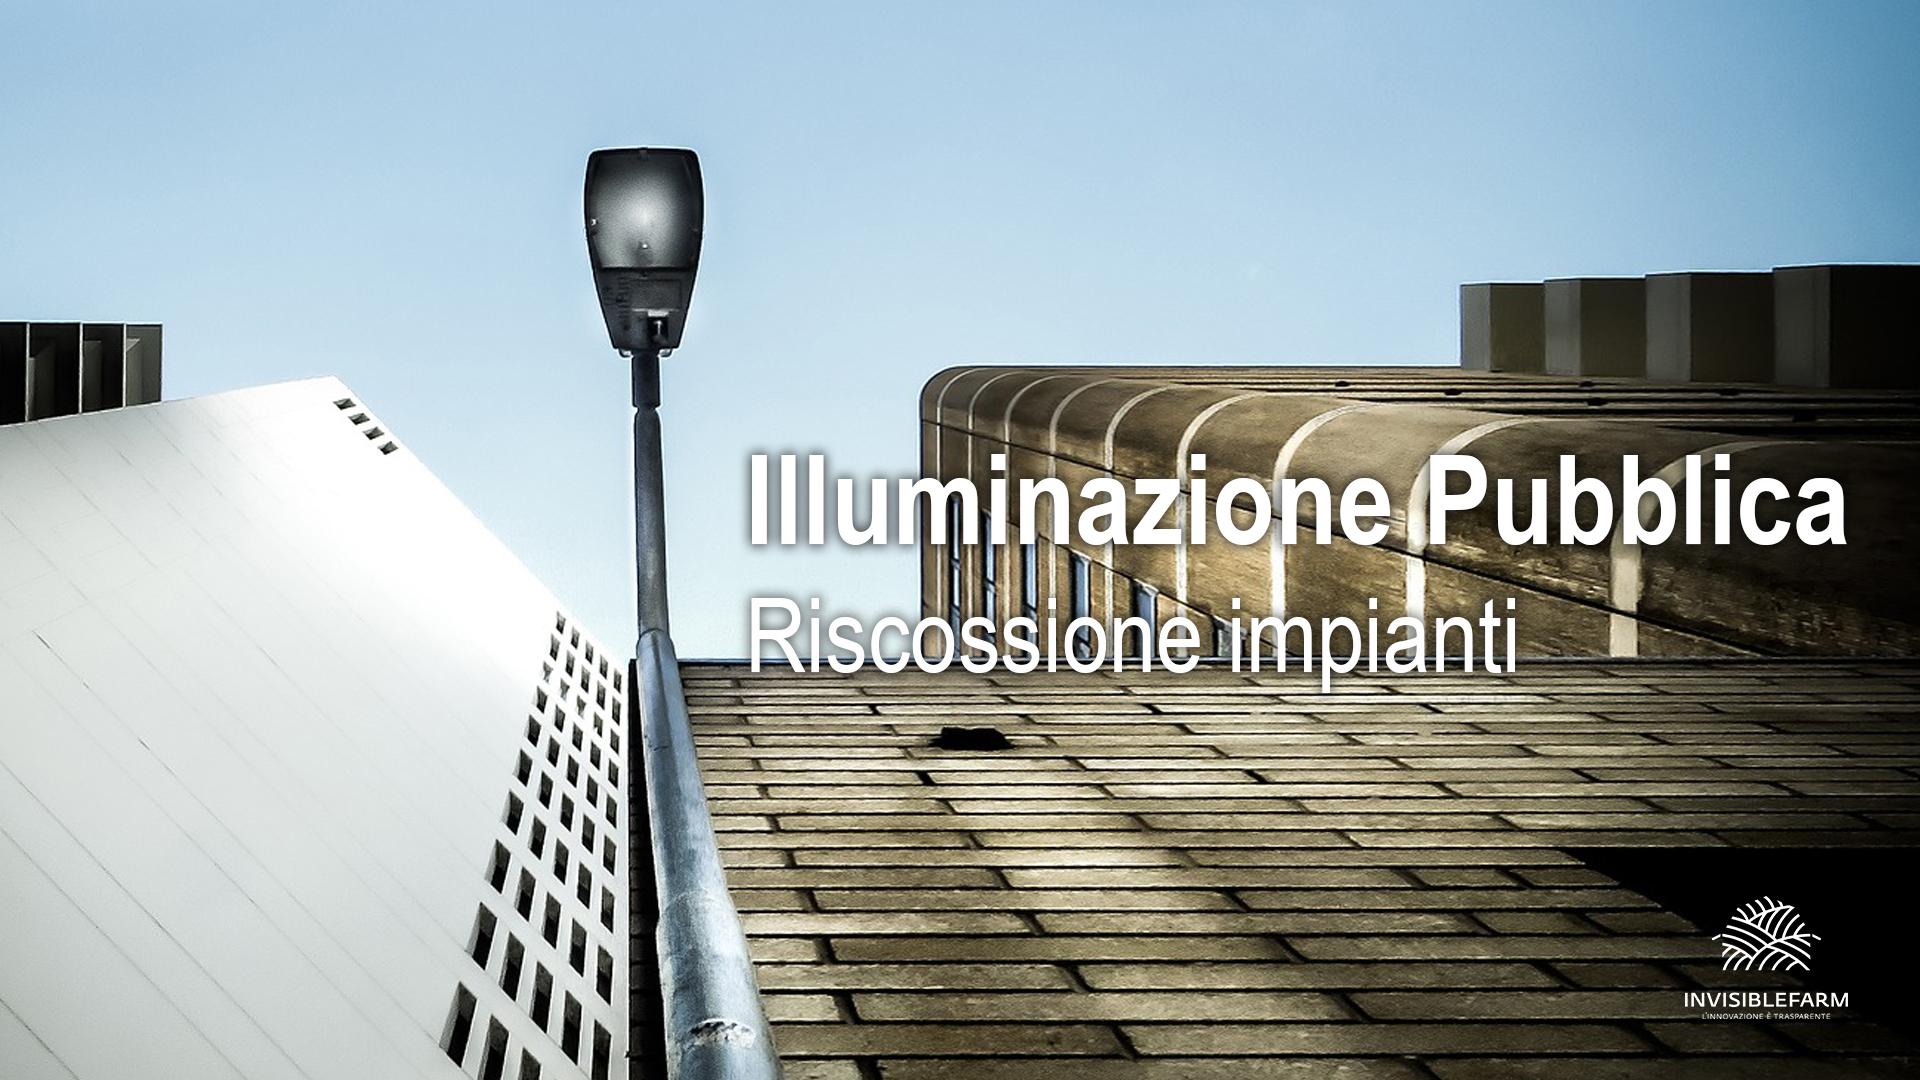 riscossione-impianti-Illuminazione-Pubblica